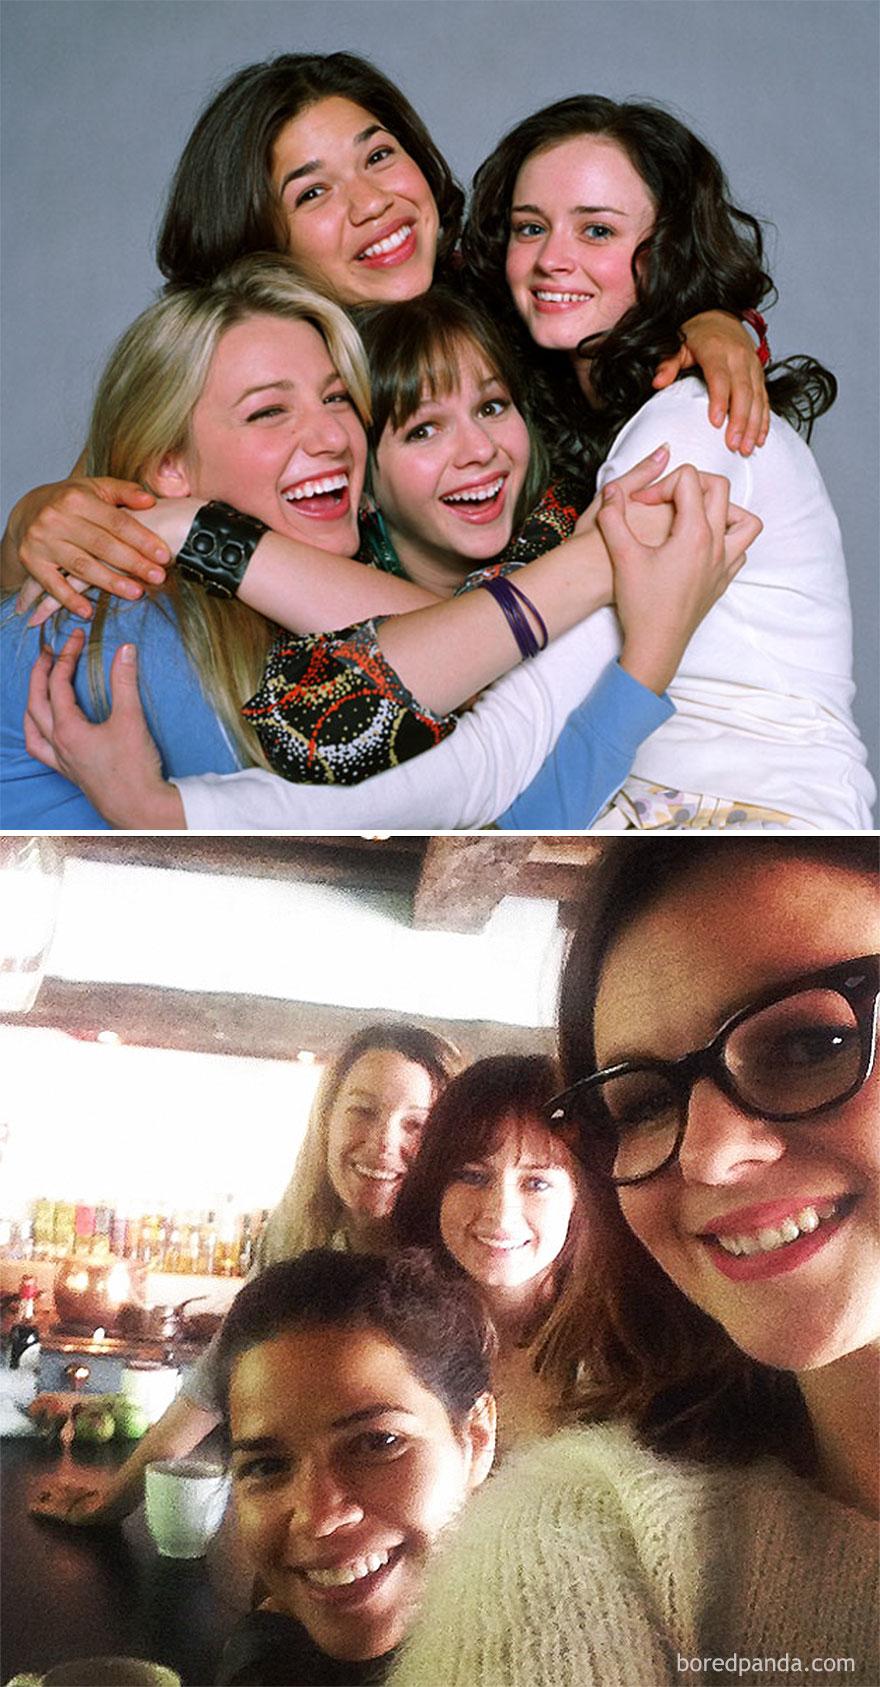 The Sisterhood Of The Traveling Pants: 2005 Vs. 2013